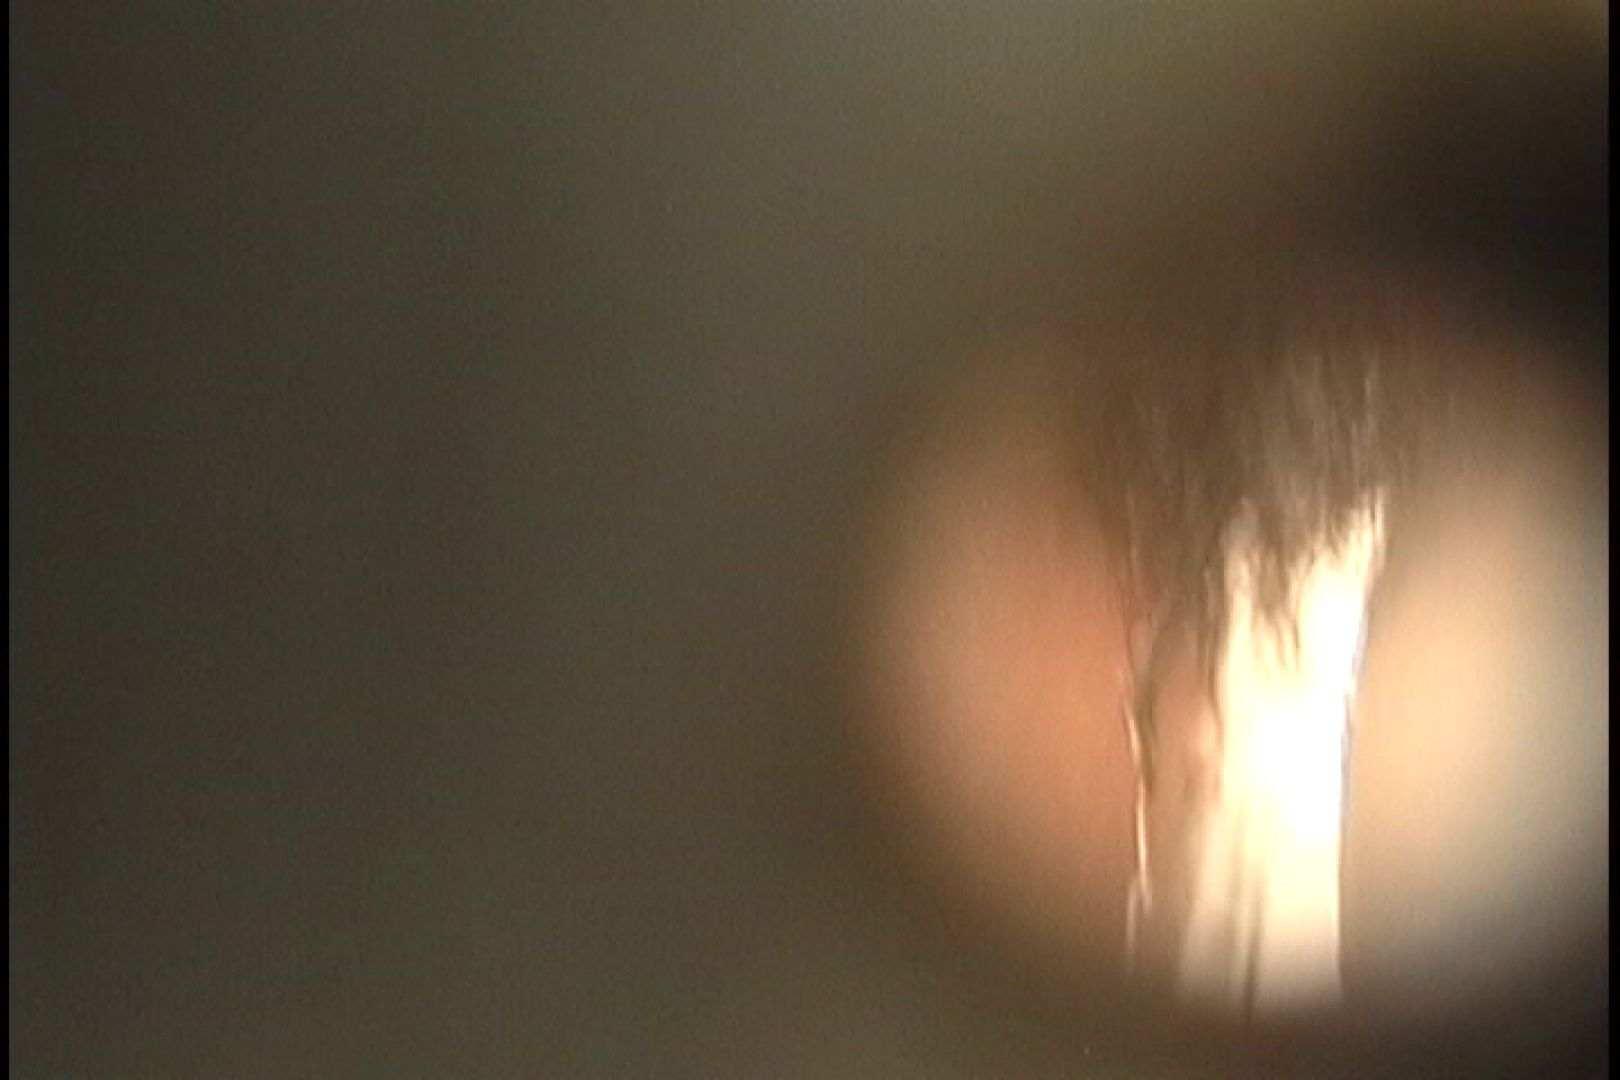 No.27 ロケットオッパイ、モジャモジャの奥に薄っすらとスジが! 美乳 | 洗面所  105画像 64